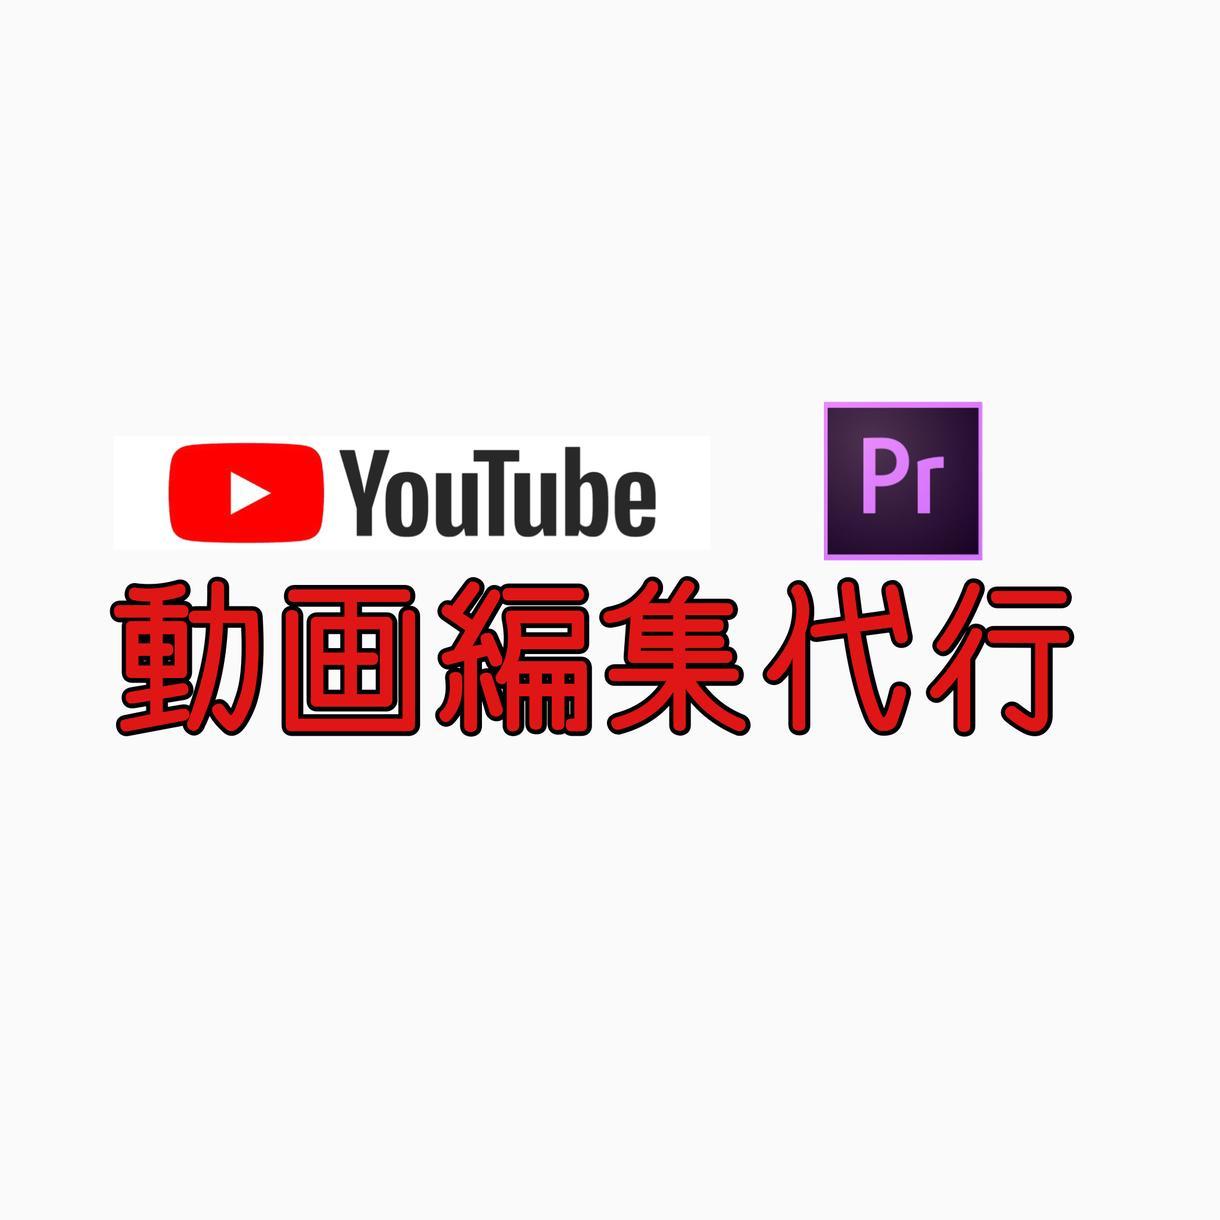 YouTube動画編集代行します YouTube動画編集代行させて頂きます イメージ1